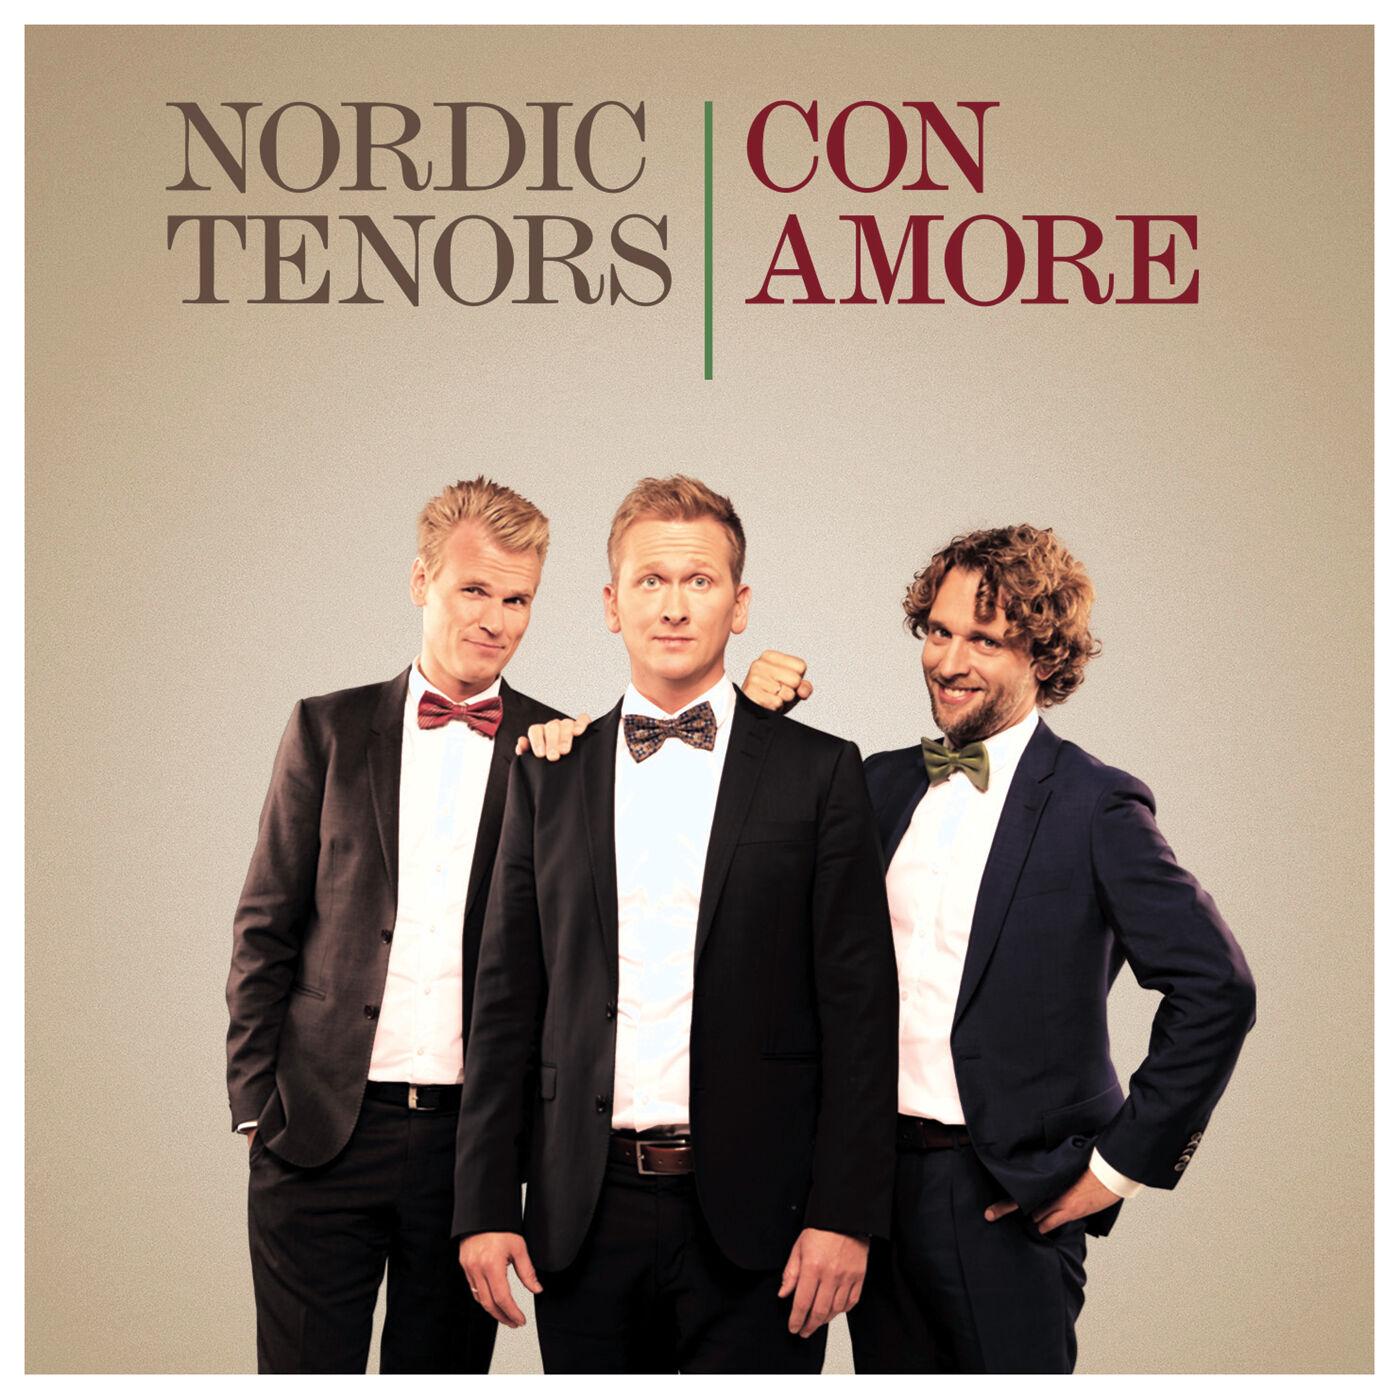 Nordic Tenors - Con Amore